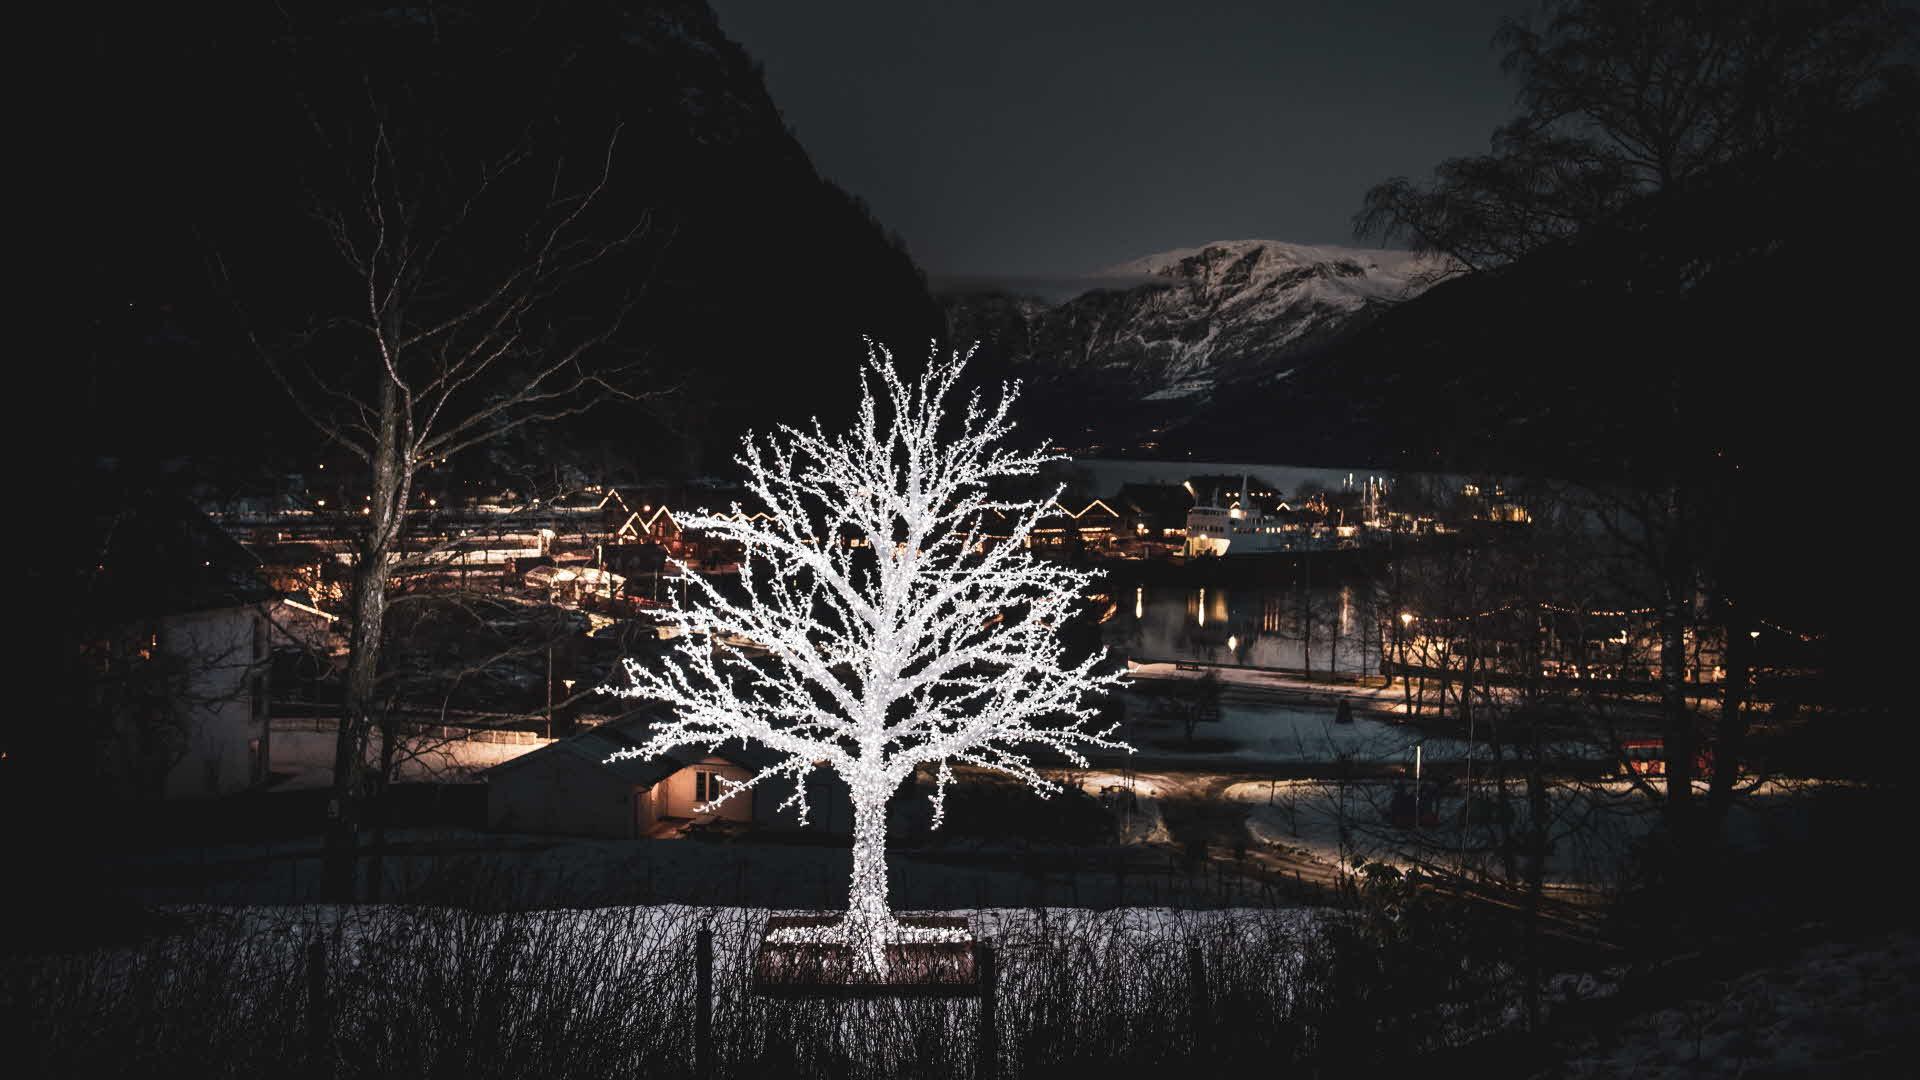 Flåm opplyst av julebelysning, snø på bakken og fjellene og et hvitt dekortre i forgrunnen